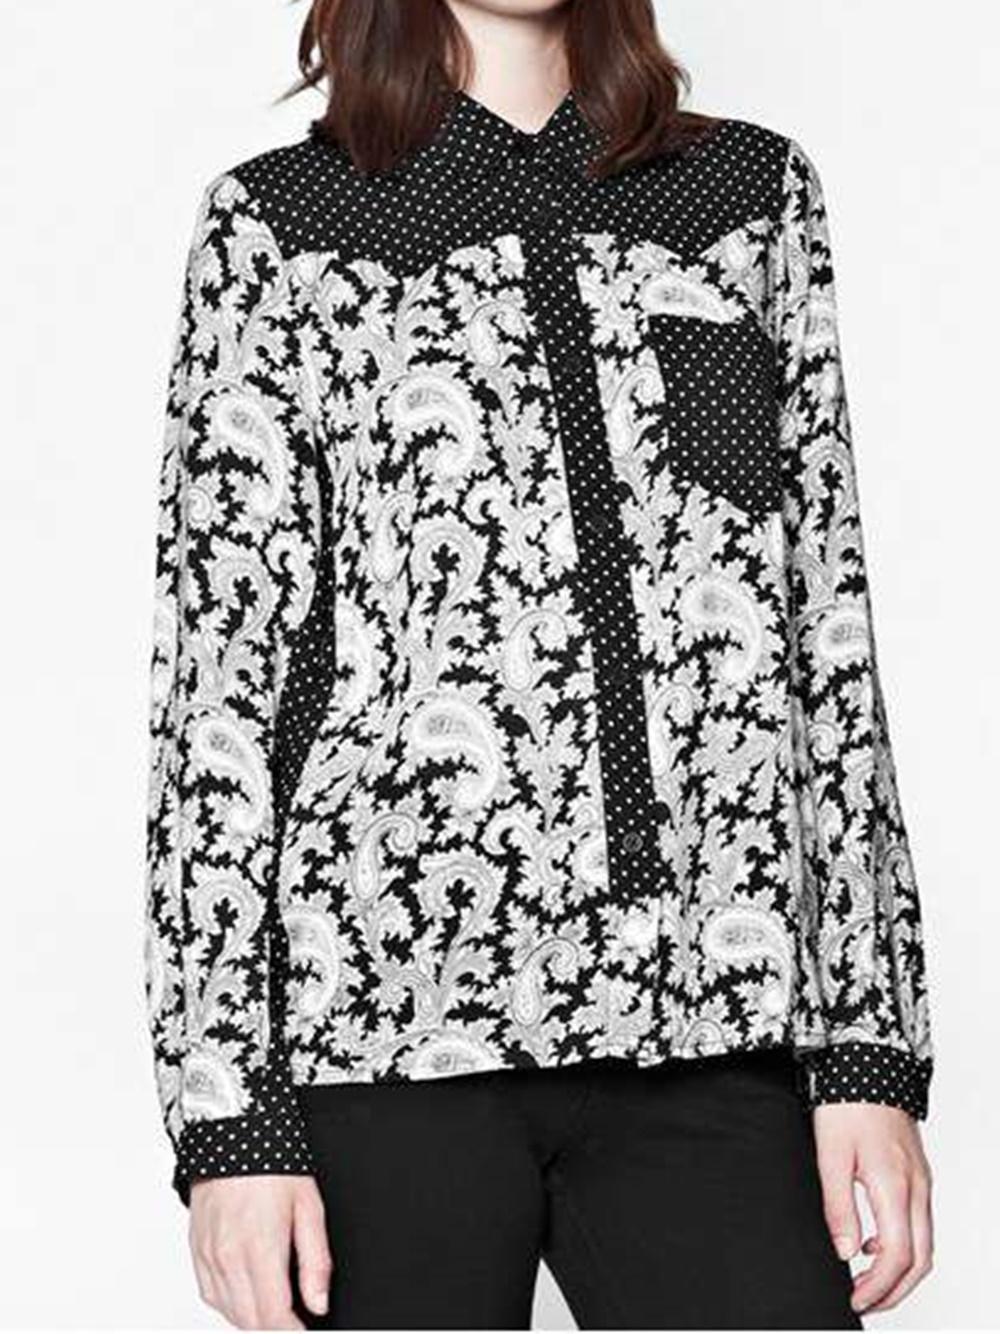 Paisley | Blusen & Tuniken | Fashion | Sortiment | myonbelle.de: Dein unendlicher Kleiderschrank